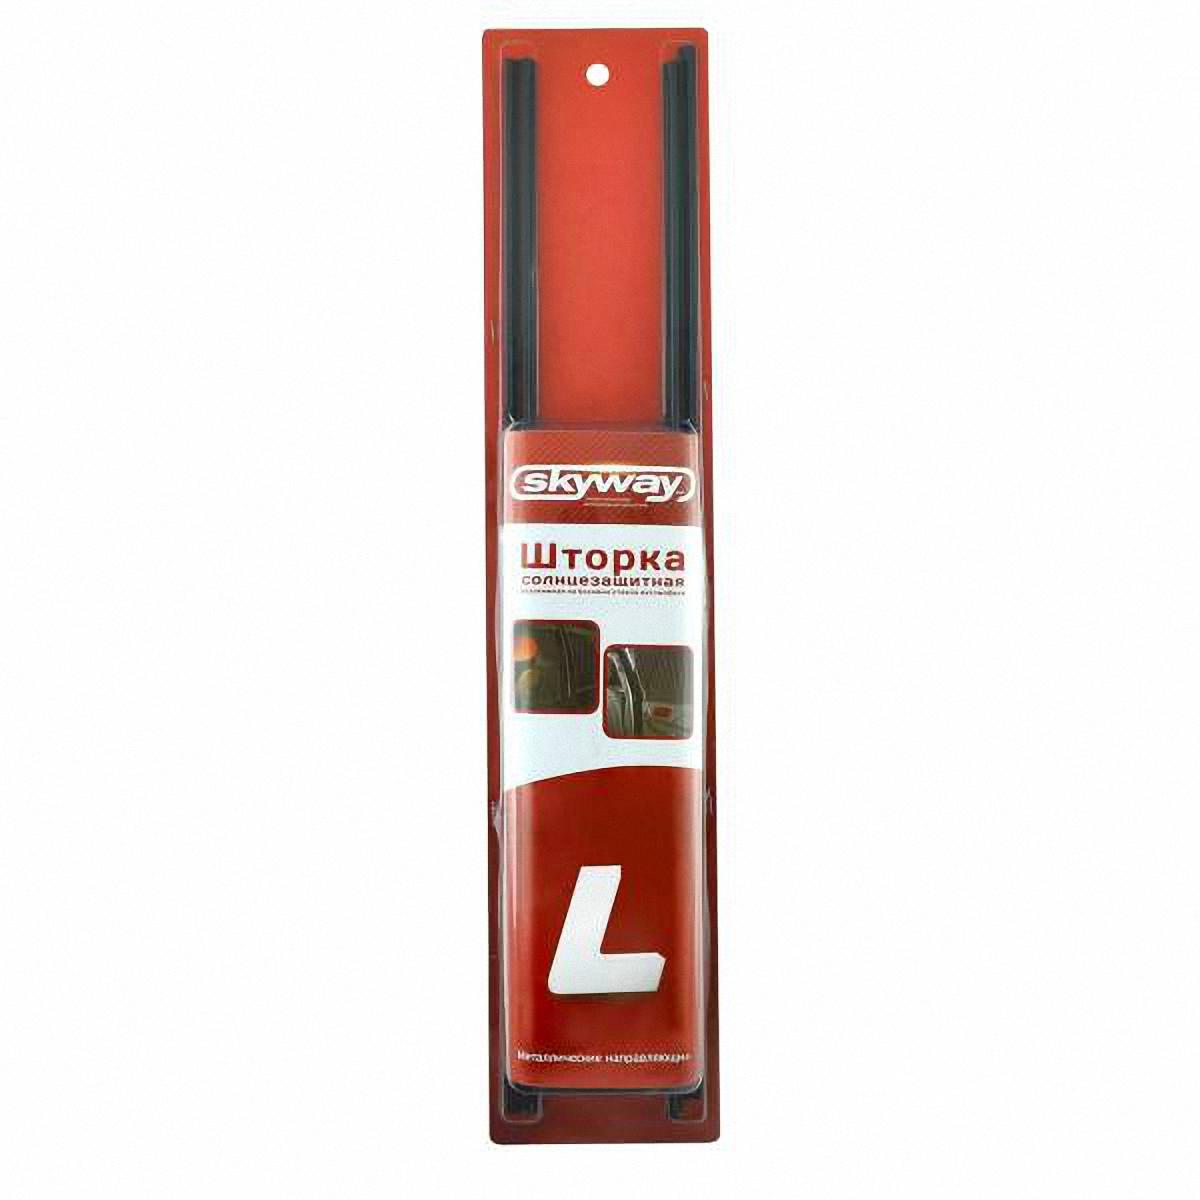 Шторка солнцезащитная Skyway, раздвижная, на боковое стекло, 60 х 53 см, 2 штS01201006Шторка раздвижная на боковые стекла надёжно защитит от прямых солнечных лучей и сохранит прохладу в салоне автомобиля. Крепление: велкро (липучки). Материал направляющих: алюминий. Материал штор: полиэстер. Размер: L (60 х 47-53 см).